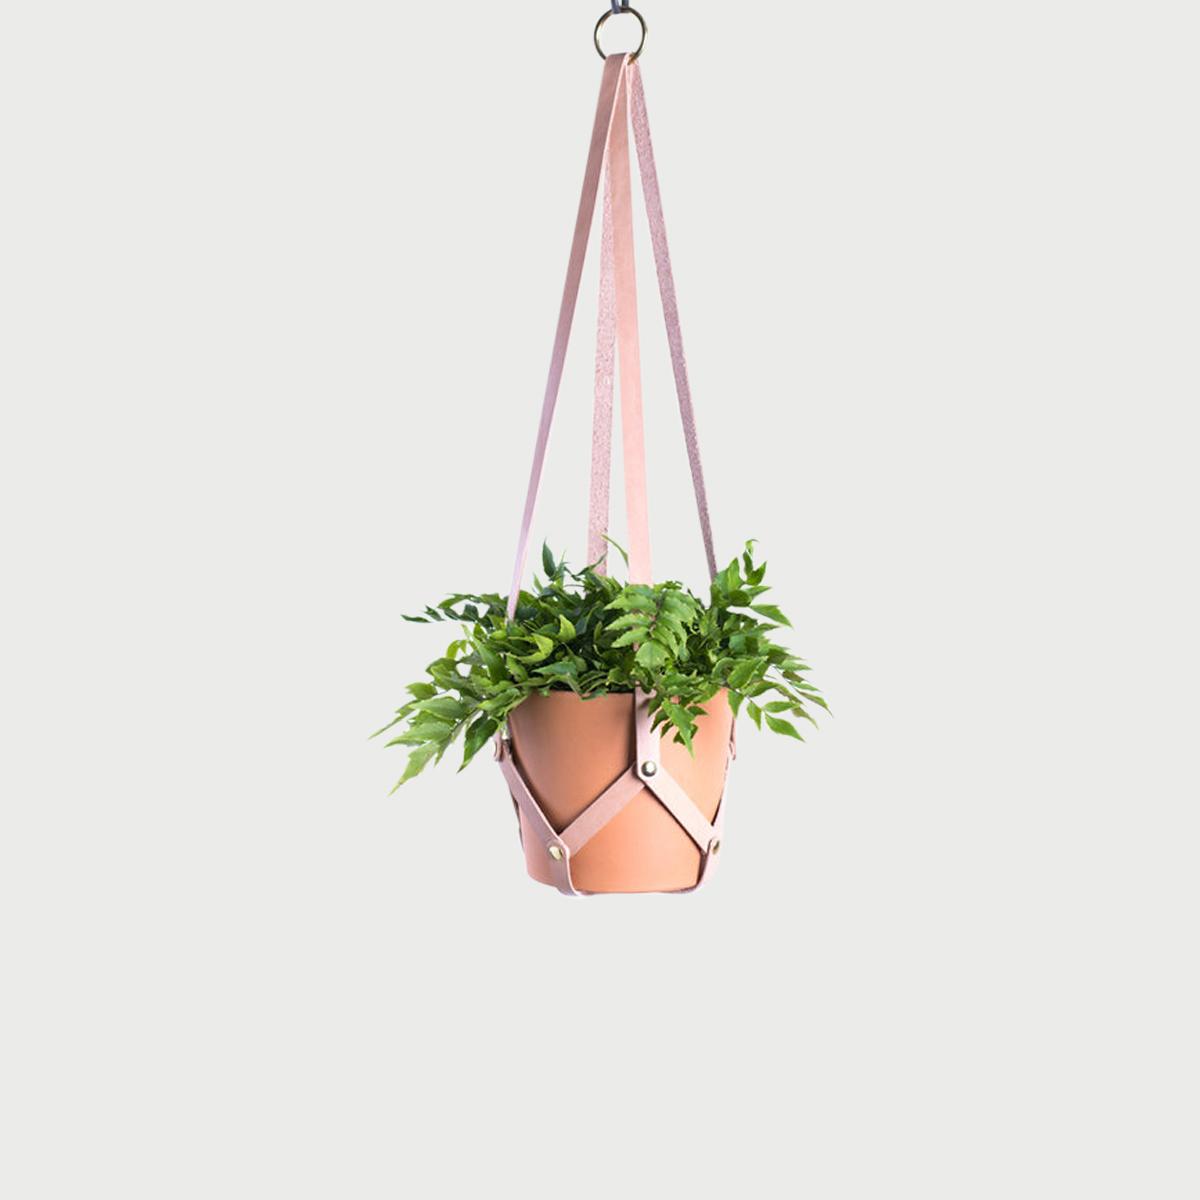 Hanging planter tan 1 web